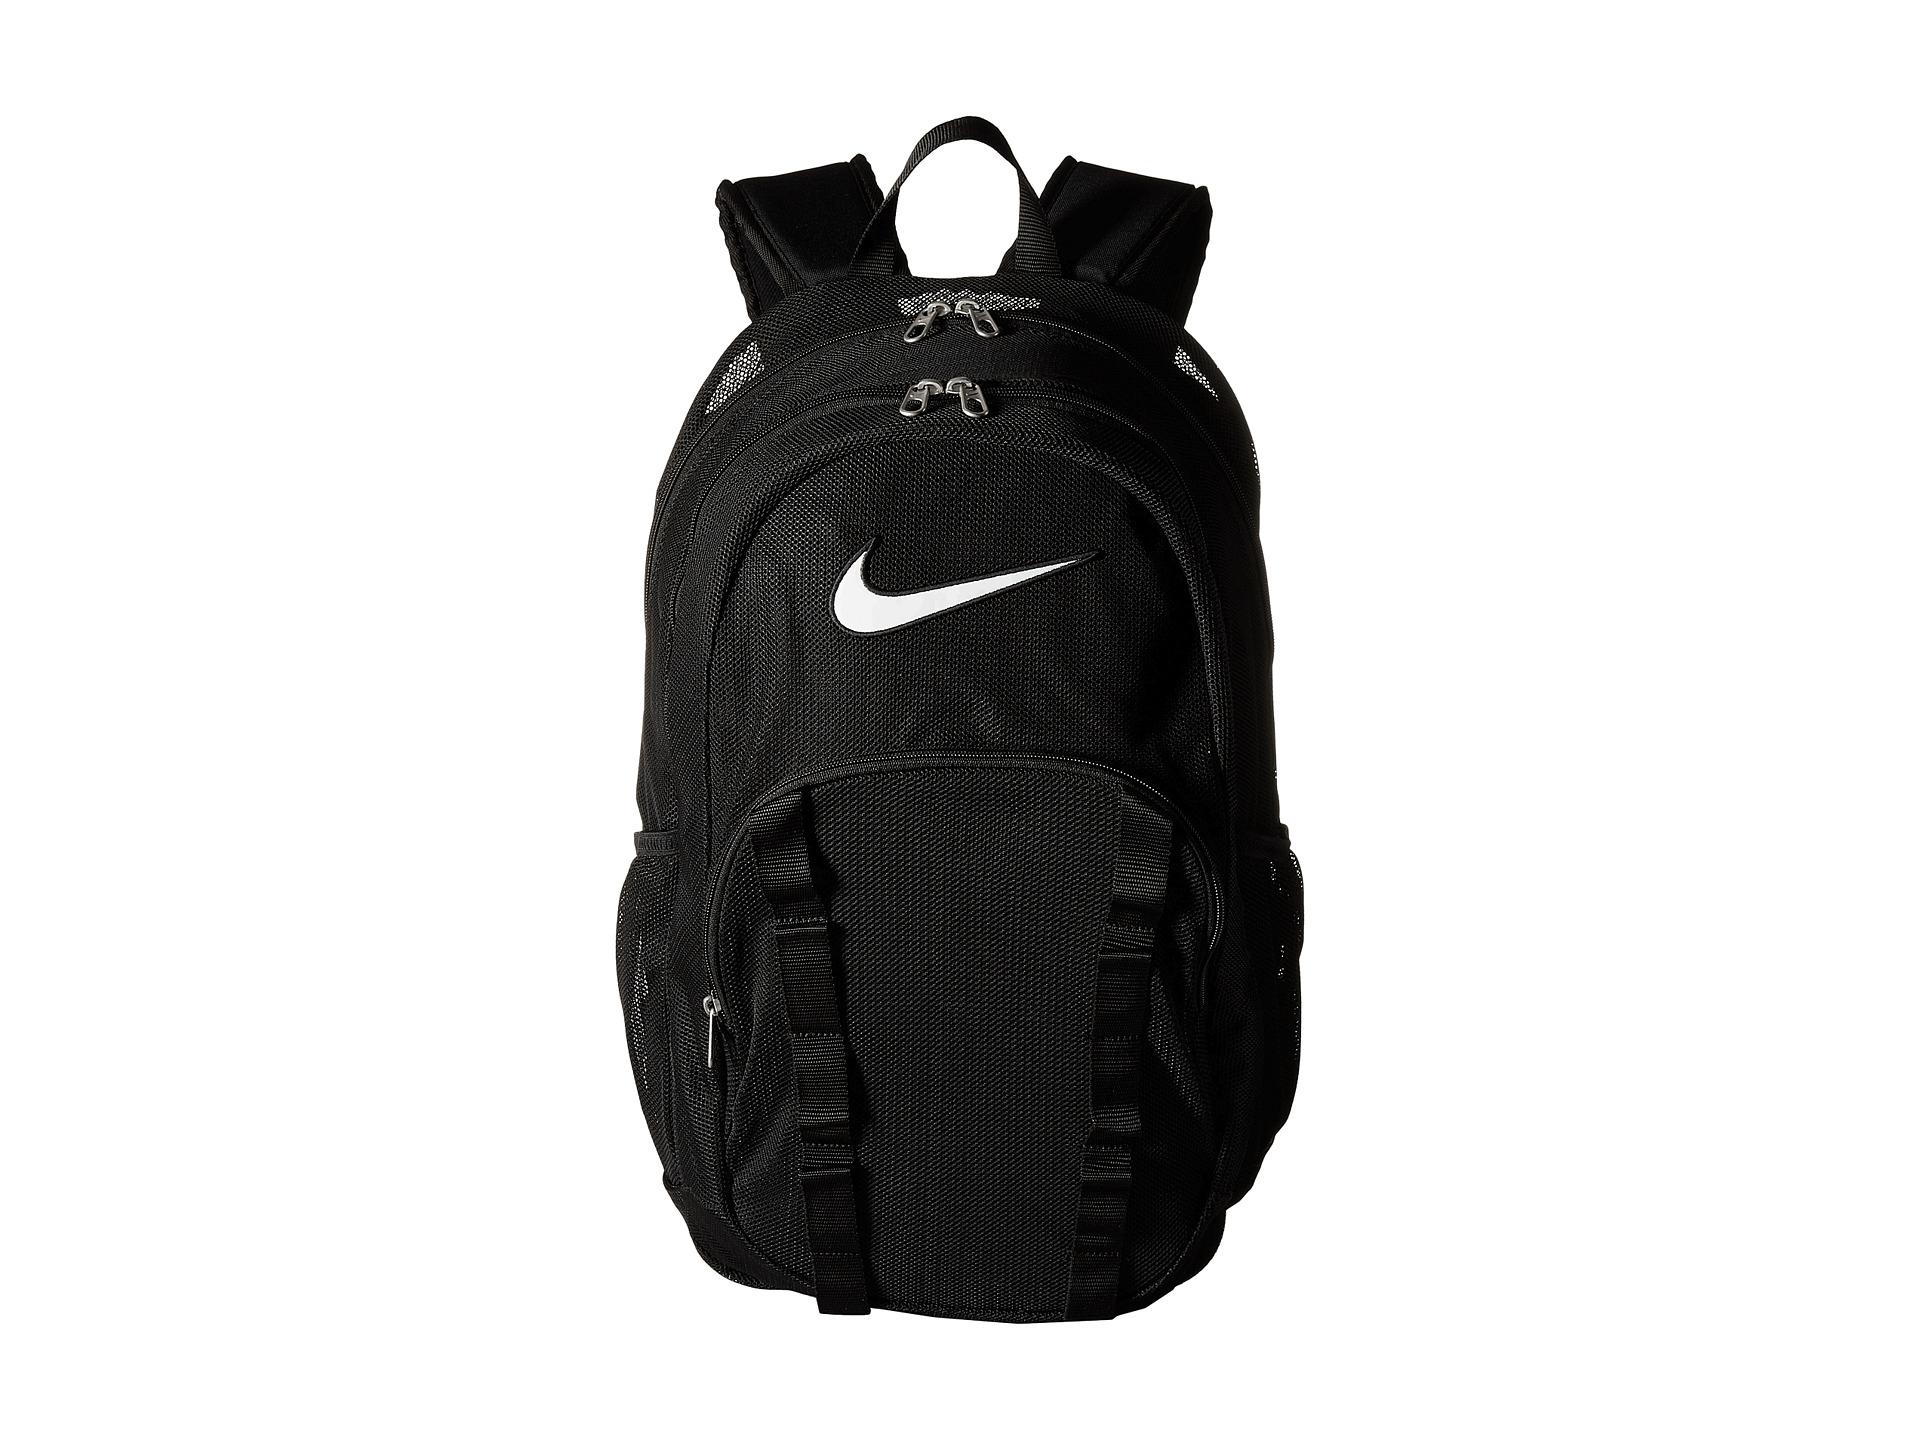 Lyst - Nike Brasilia 7 Backpack Mesh Xl in Black 19c45ee19